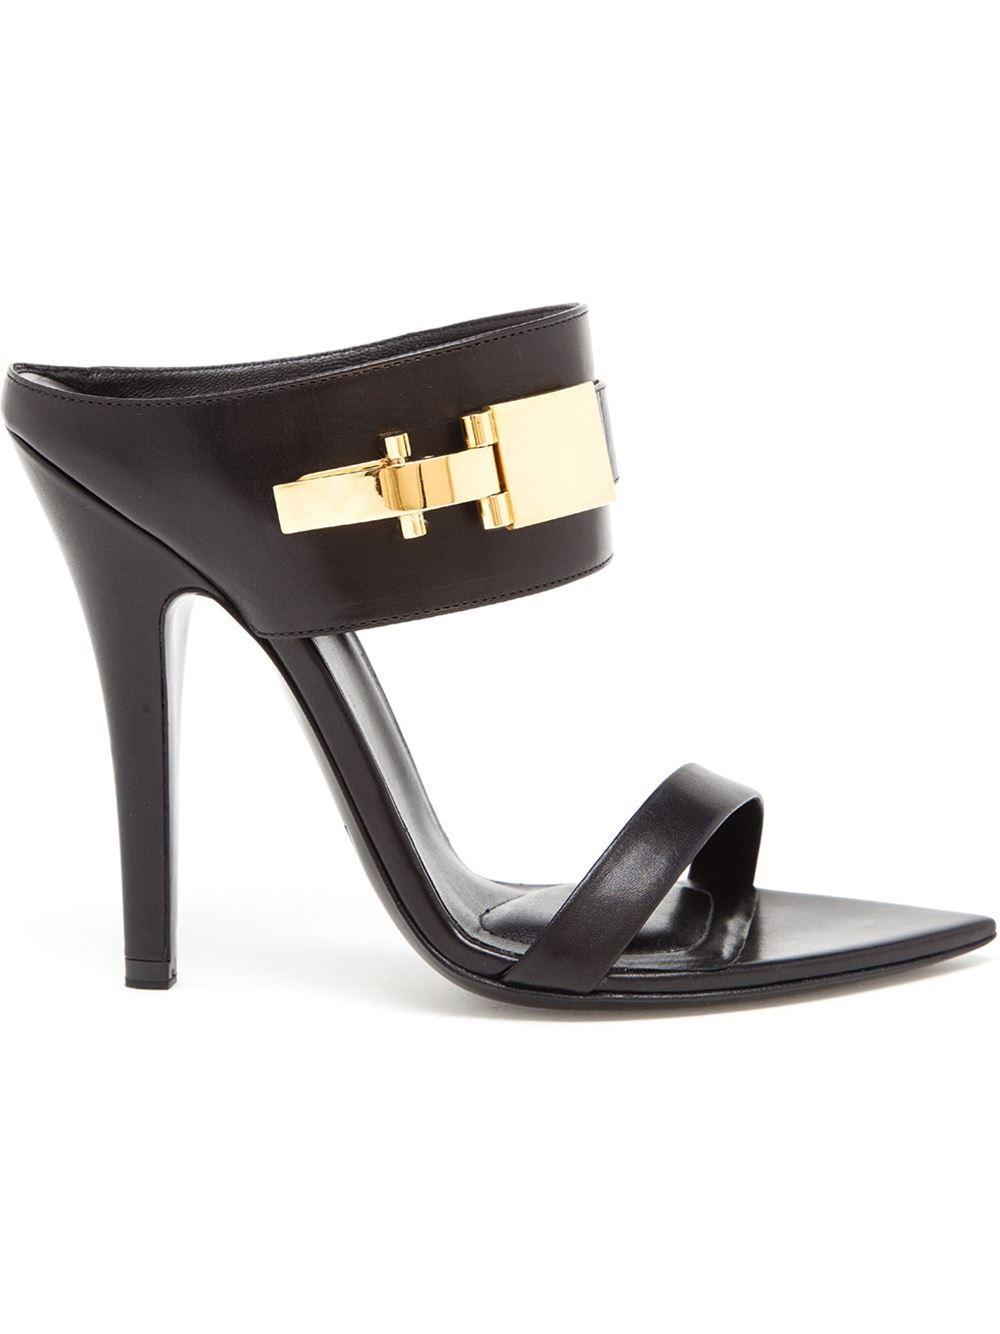 Versus clasp fastening sandals